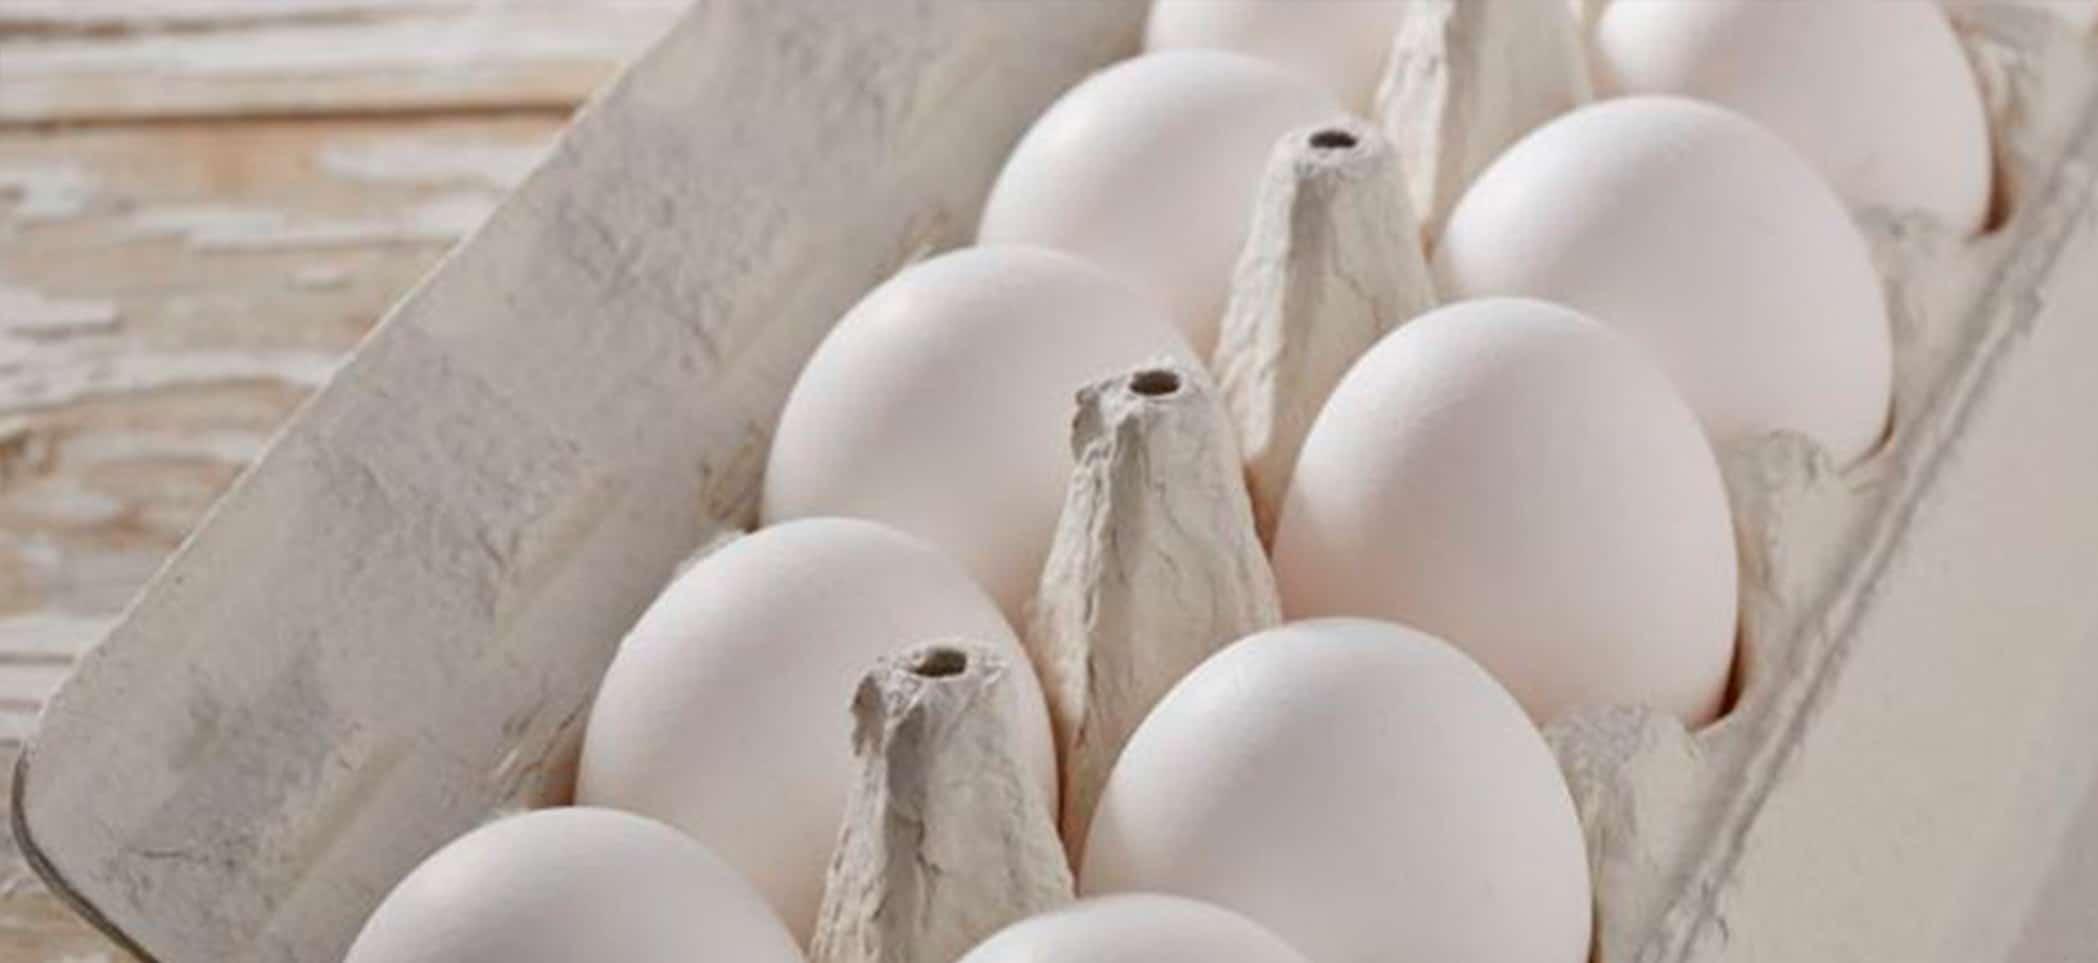 देश की दो बड़ी अंडा मंडियों में एक नये संकट ने दस्तक दी